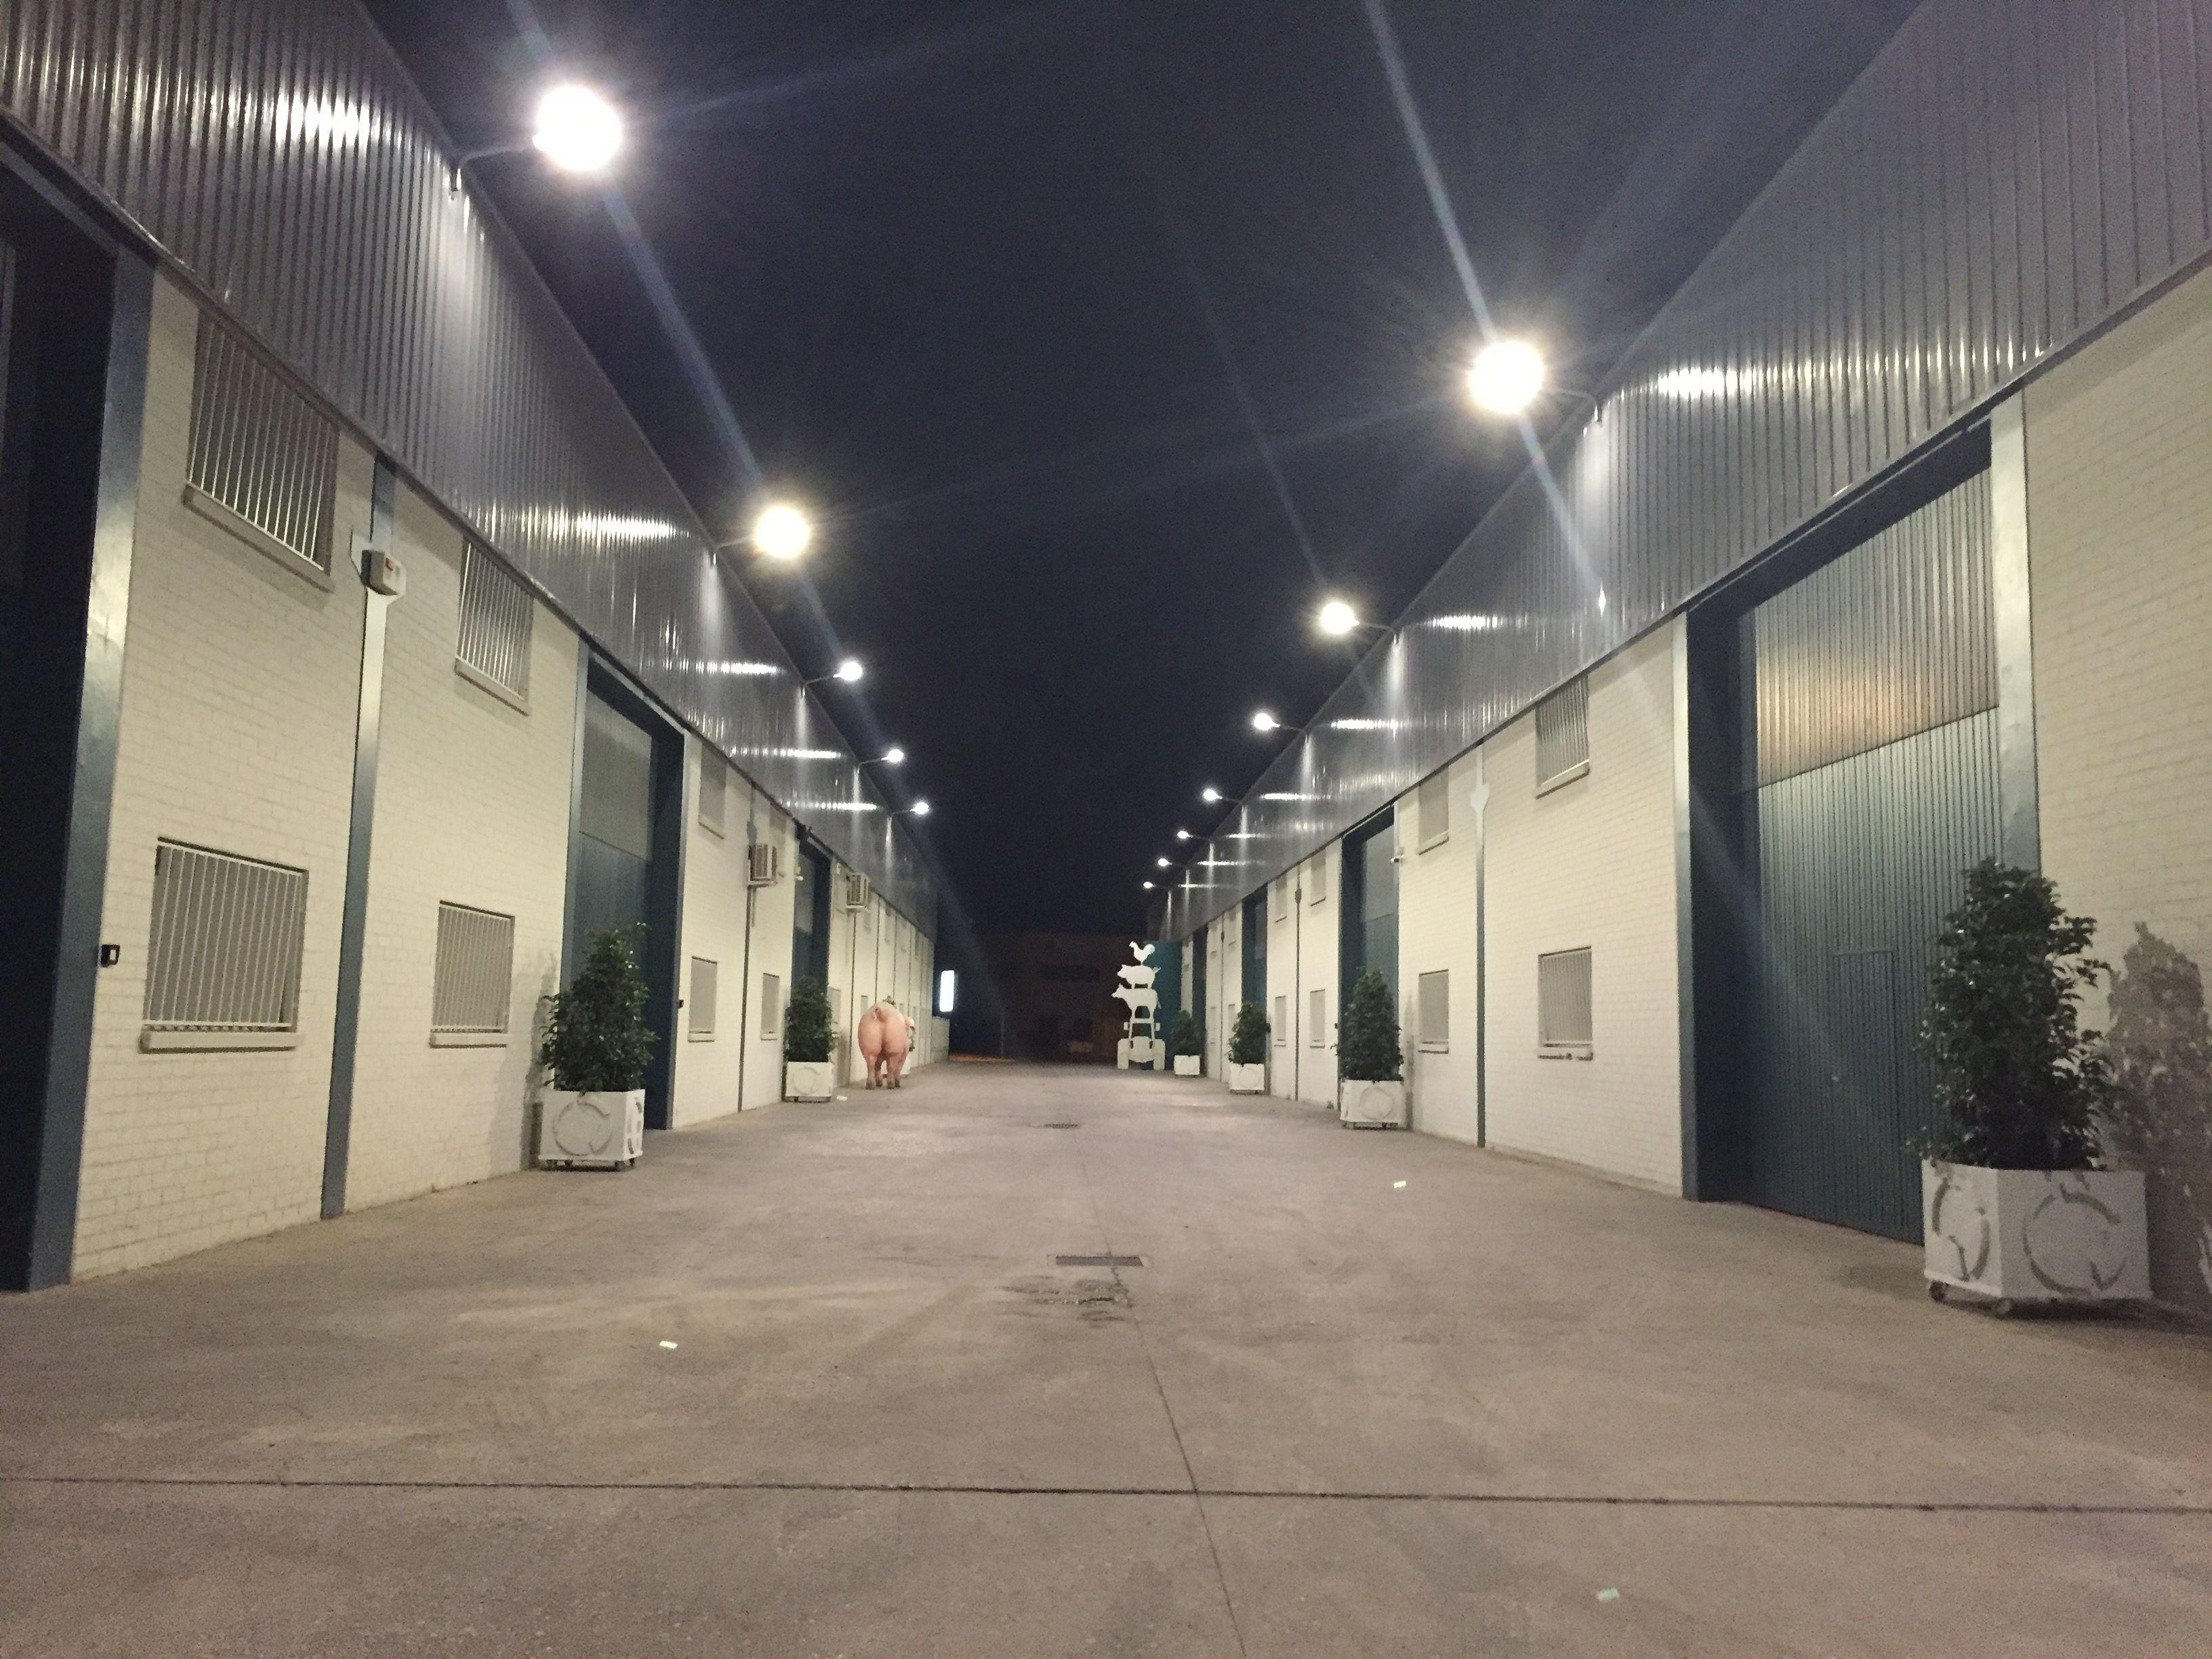 Inaugurada la iluminación exterior de AGROPAL - Agropal - photo#2